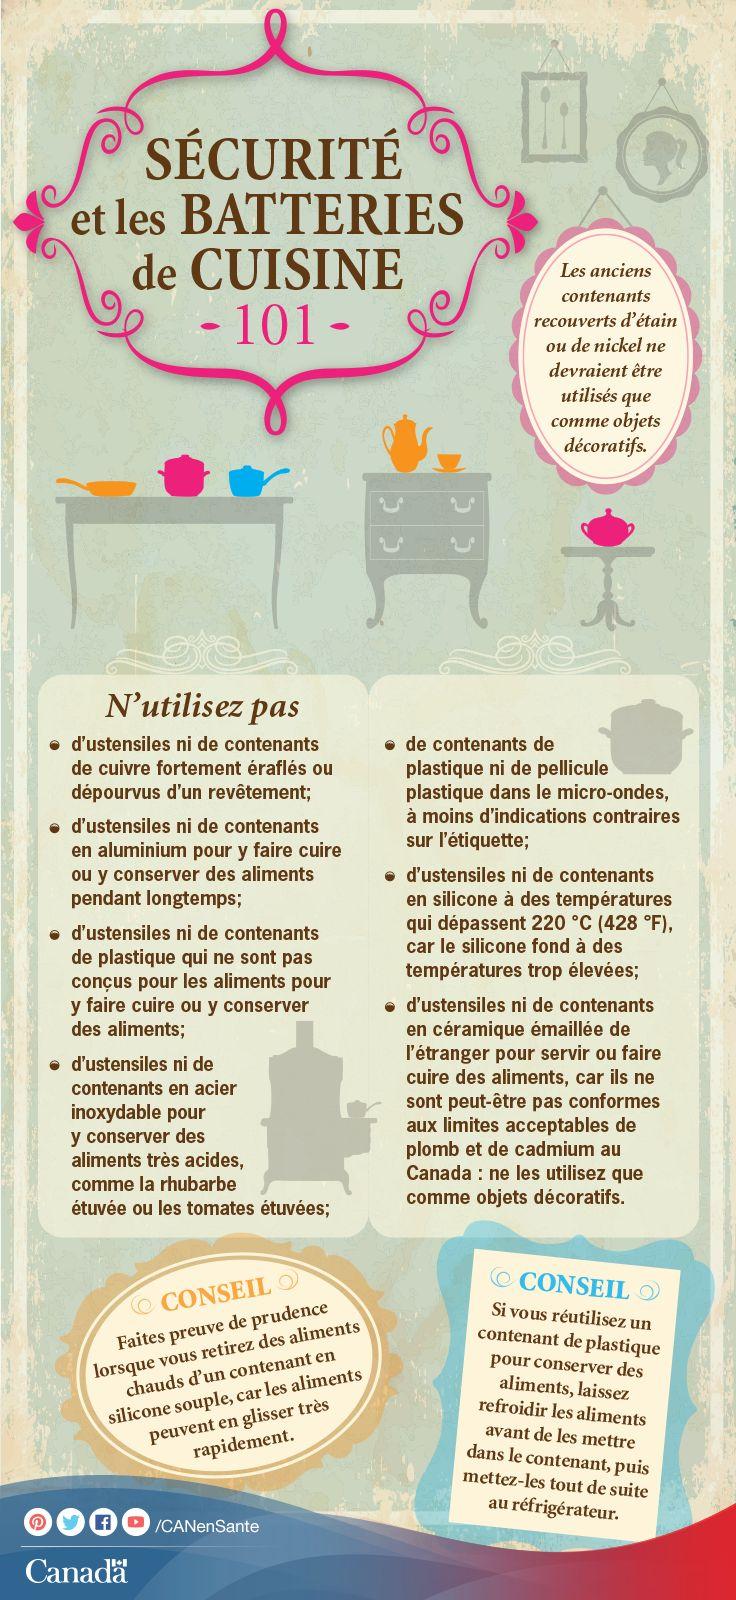 Découvrez les avantages et les risques de différentes batteries de cuisine :  http://canadiensensante.gc.ca/consumer-consommation/home-maison/cook-cuisinier-fra.php?_ga=1.101094533.525080773.1393857104utm_source=pinterest_hcdnsutm_medium=socialutm_content=June26_bakeware_FRutm_campaign=social_media_14